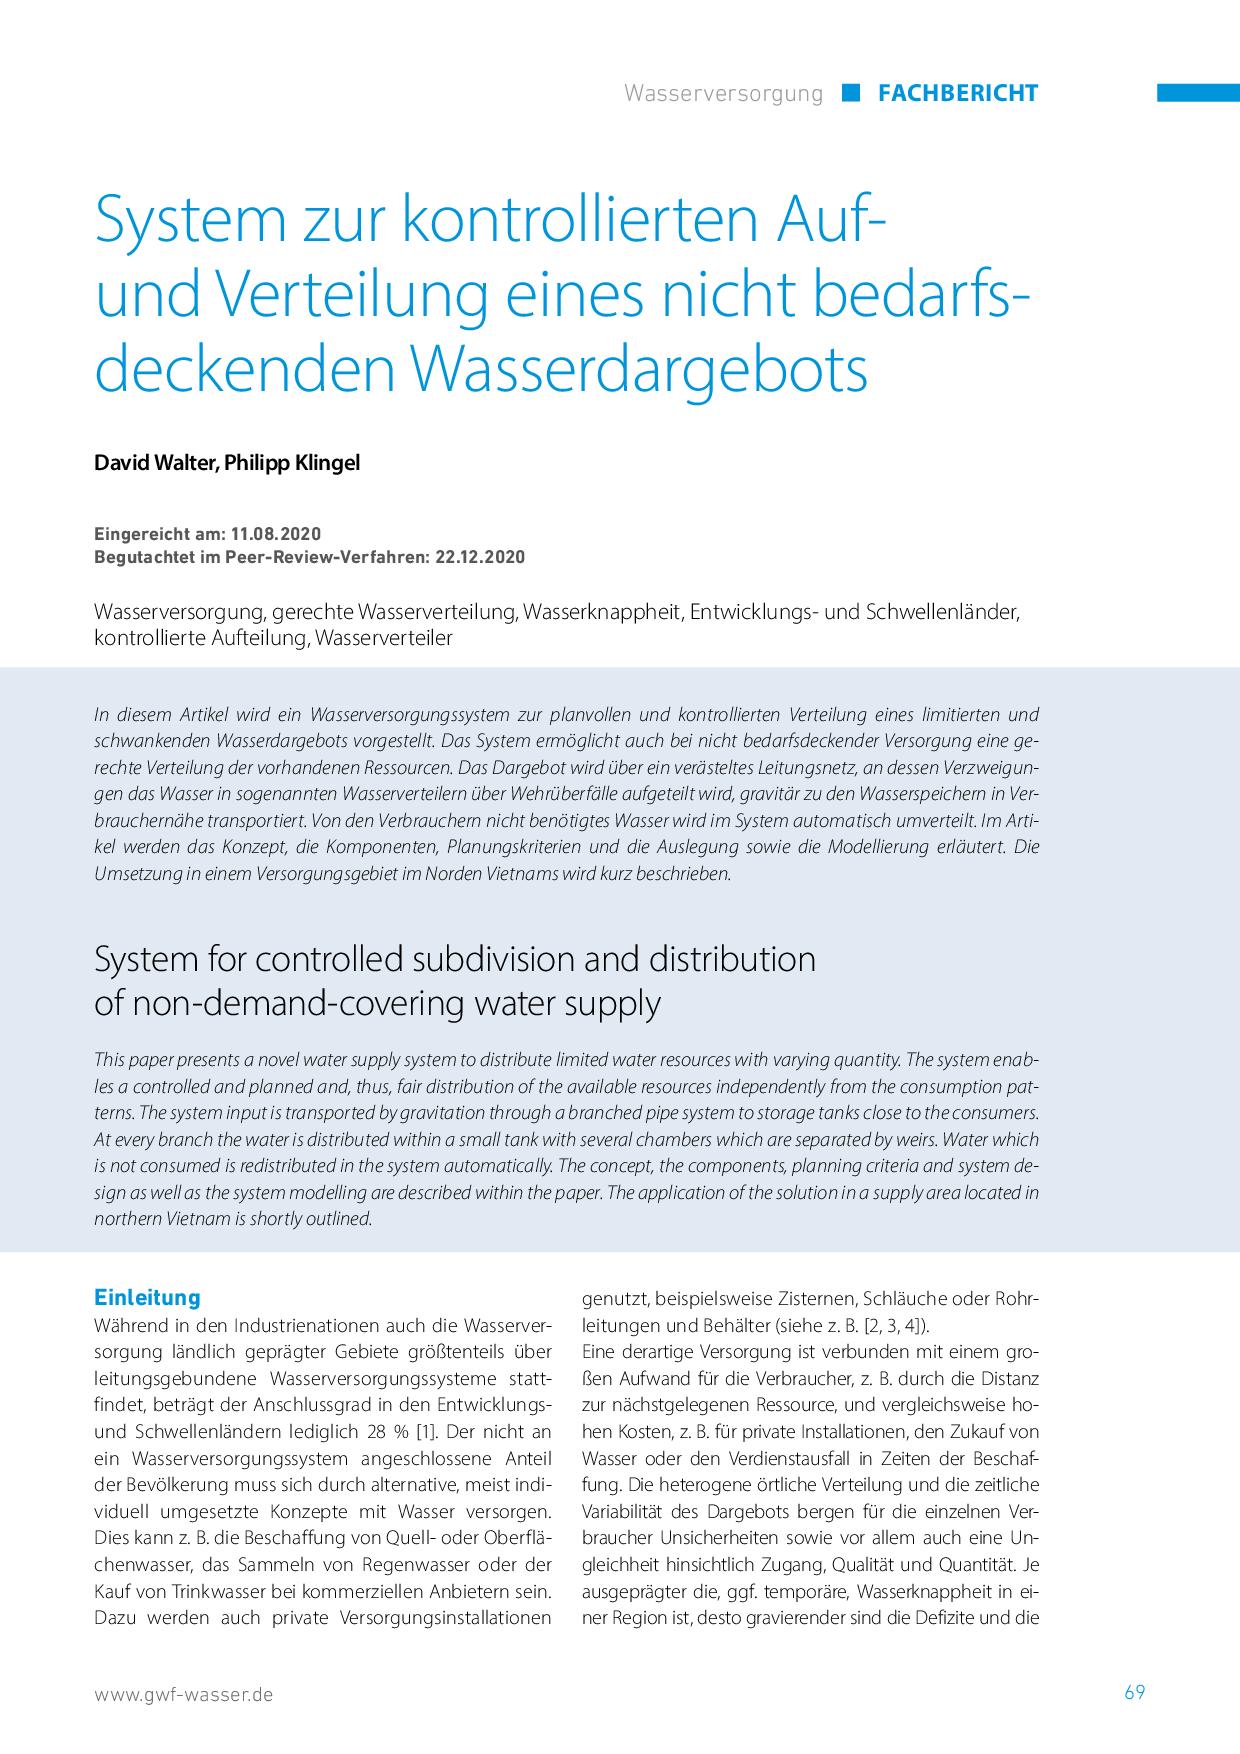 System zur kontrollierten Auf- und Verteilung eines nicht bedarfsdeckenden Wasserdargebots